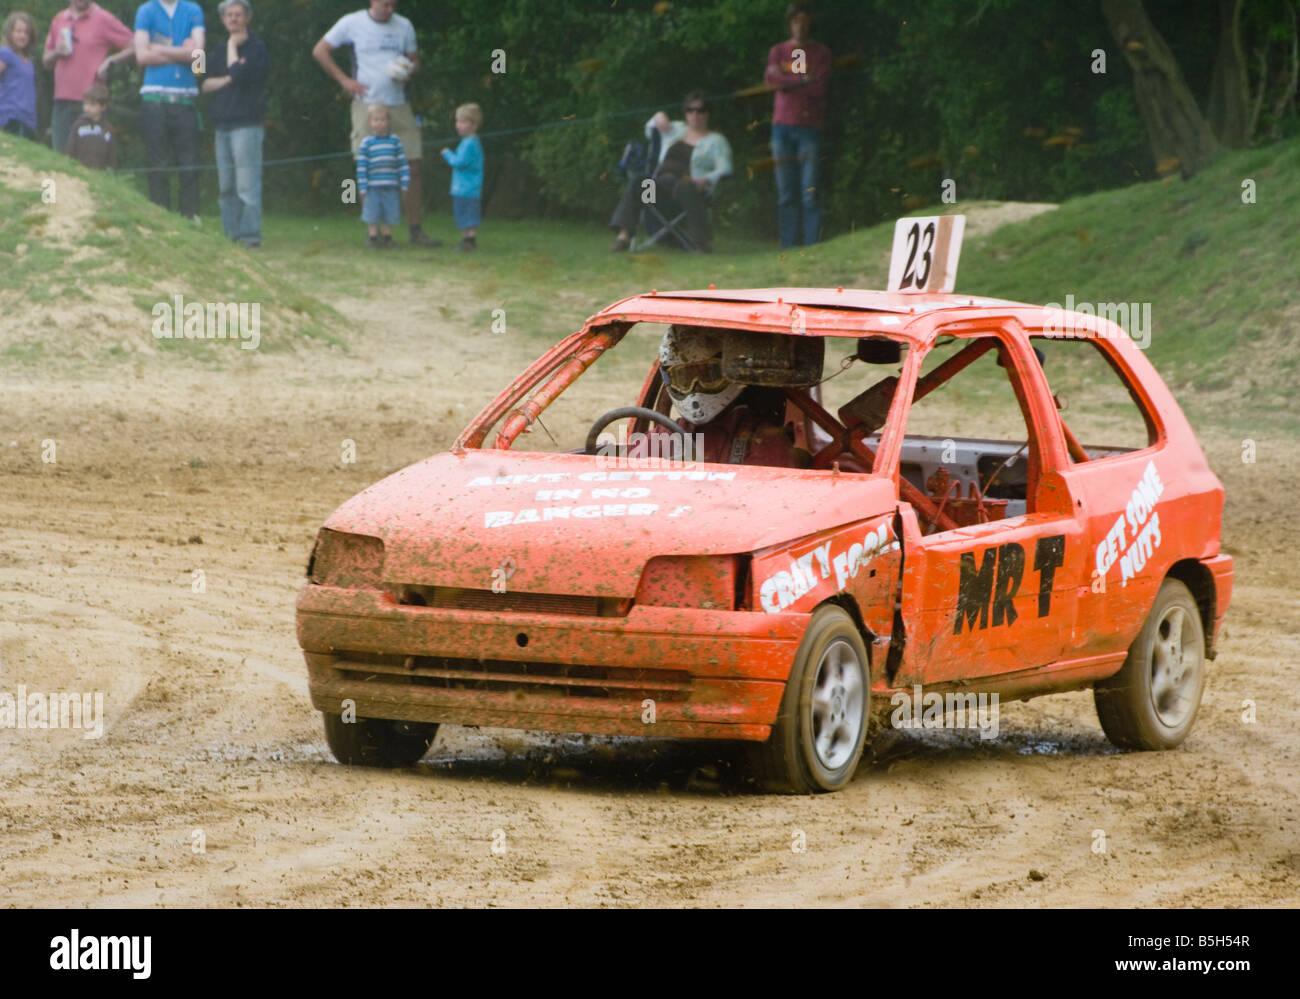 Uk Racing Tracks Stock Photos & Uk Racing Tracks Stock Images - Alamy